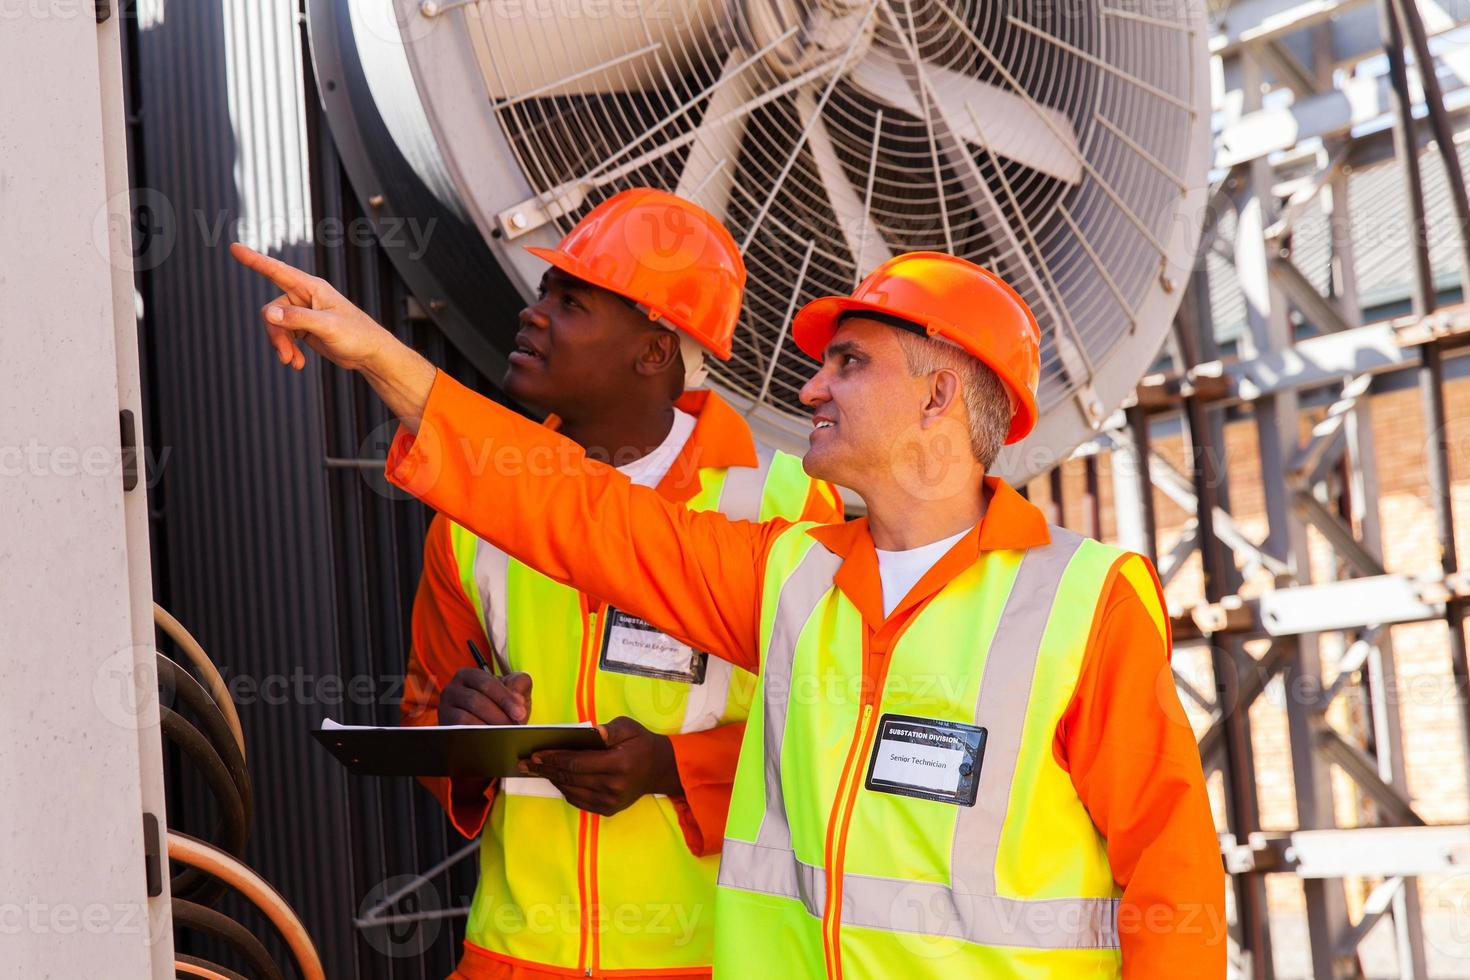 técnico senior y joven electricista trabajando en planta de energía foto